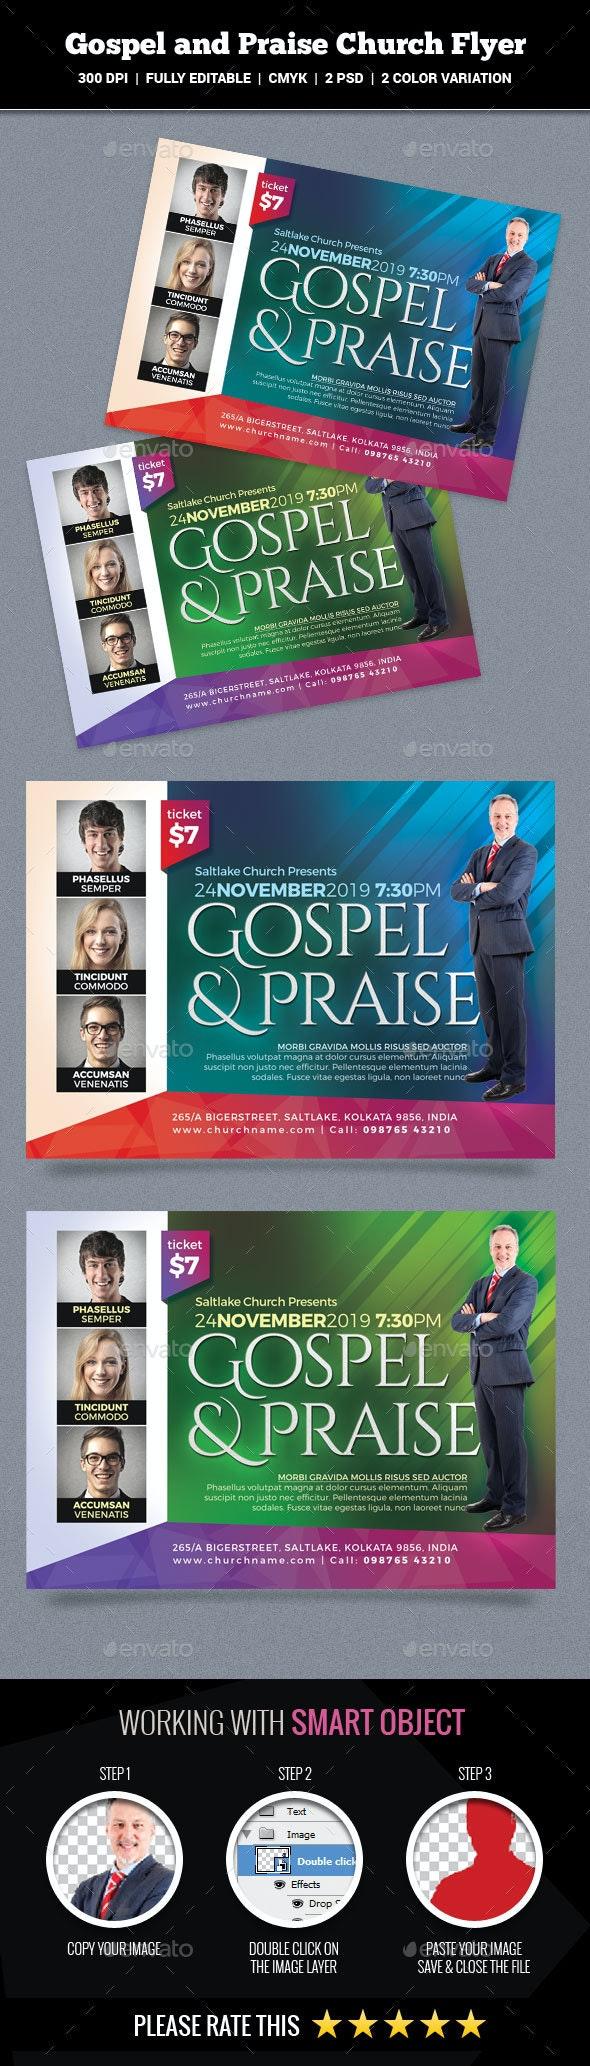 Gospel and Praise Church Flyer - Church Flyers